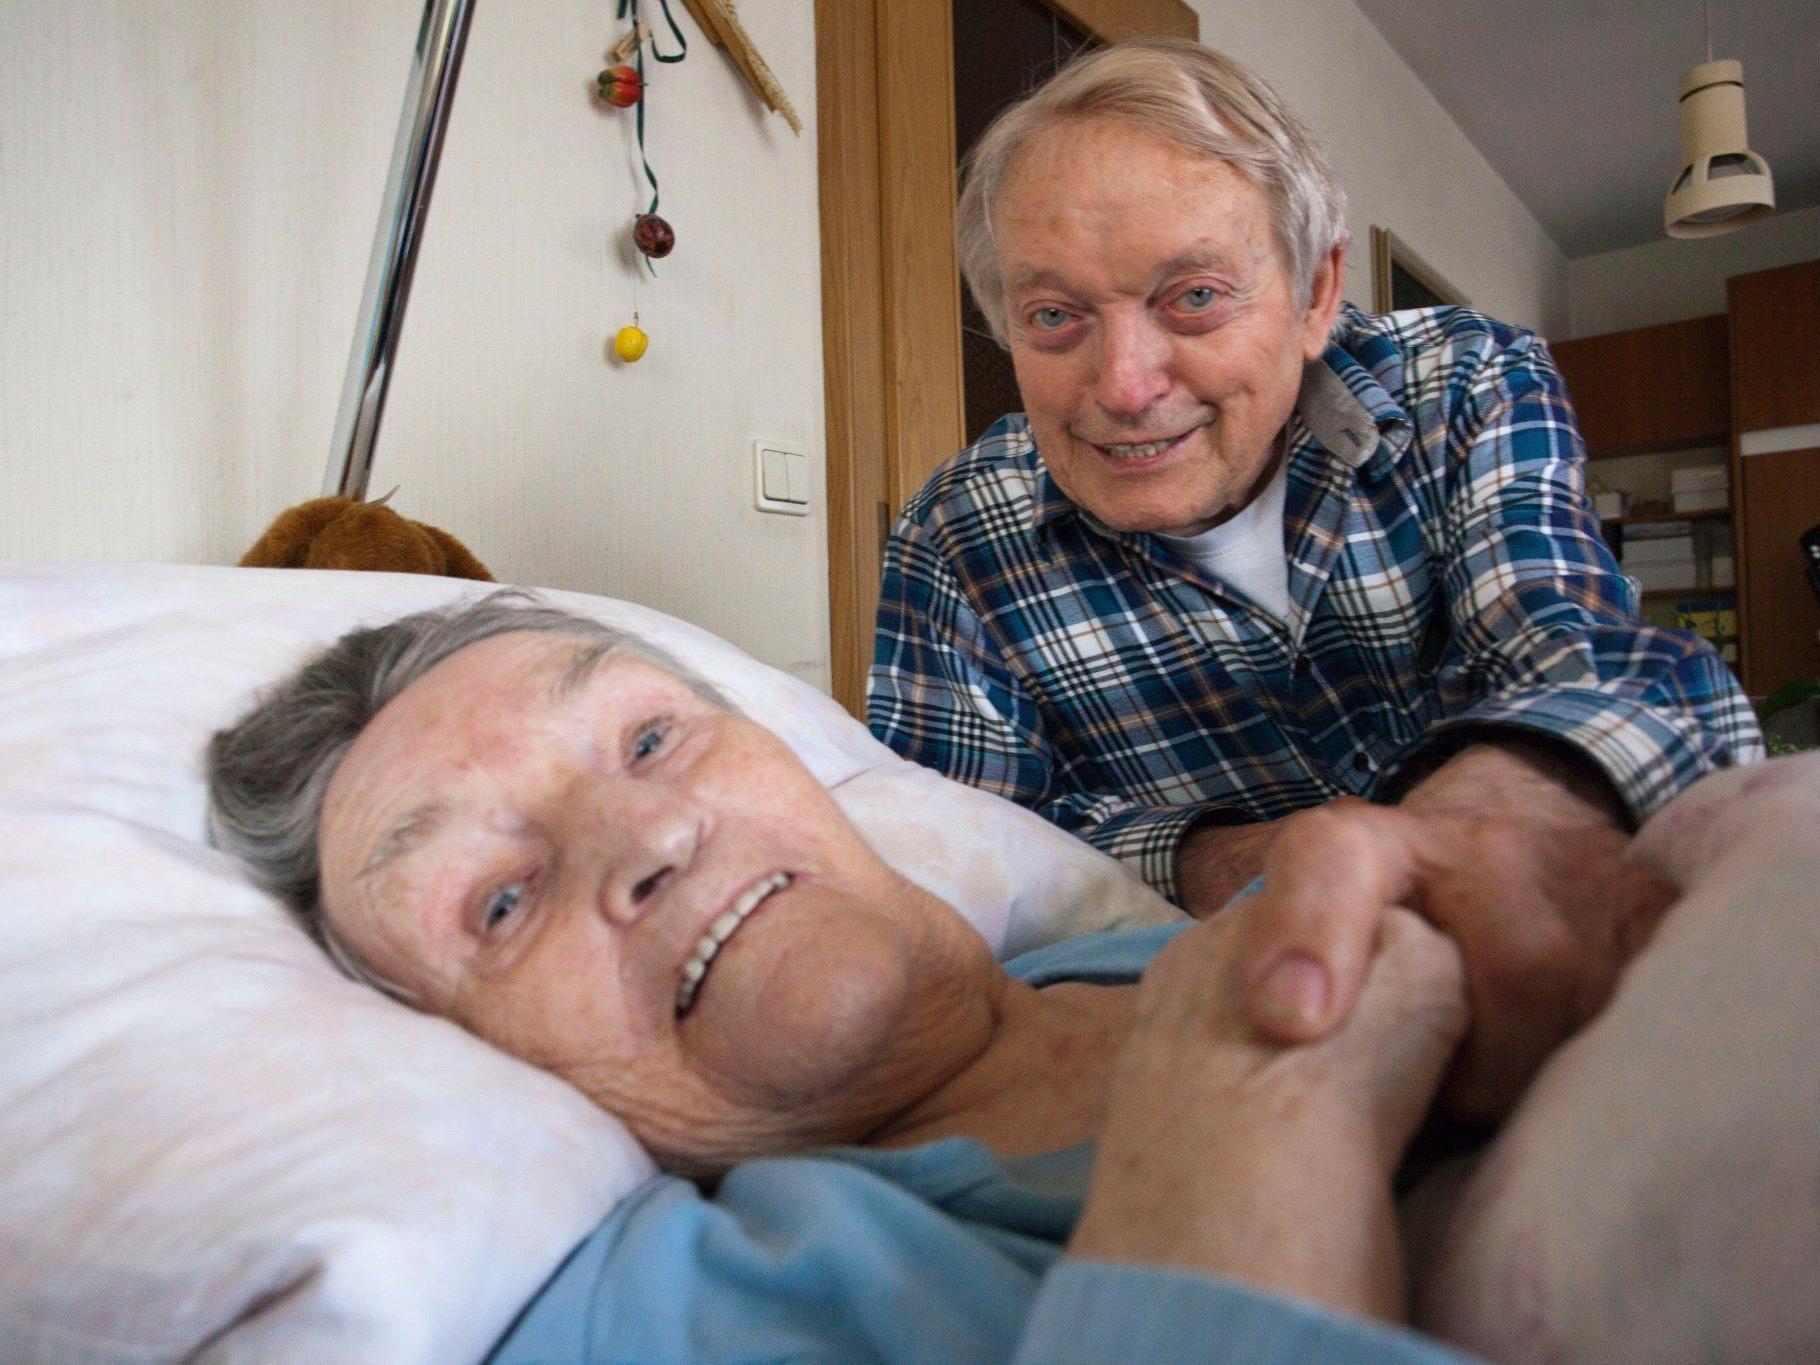 Selbst schon betagt, kümmert sich Emmerich Rusch immer noch aufopferungsvoll um seine pflegebedürftige Frau Antonia.